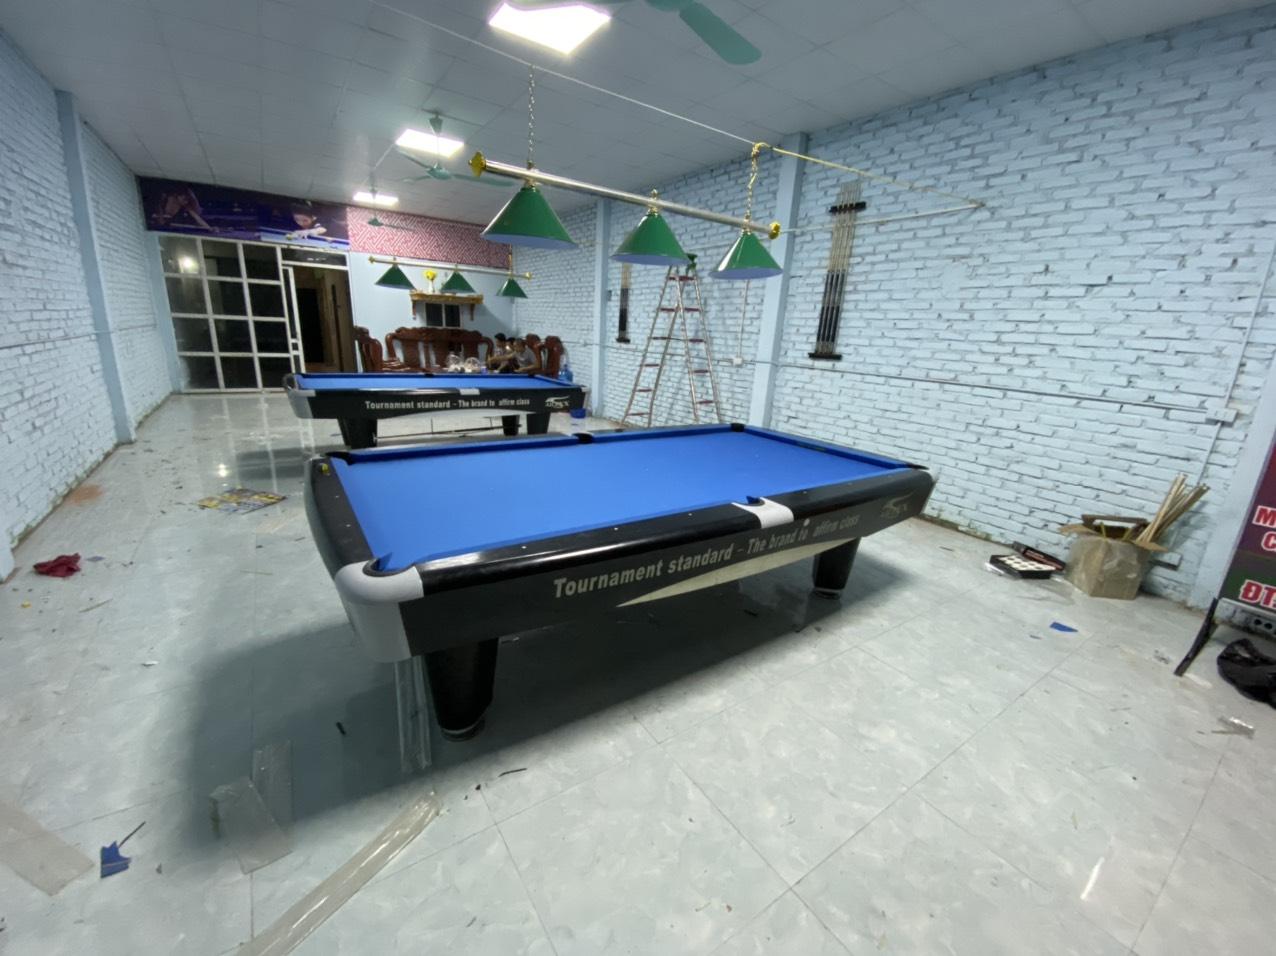 Billiards Hoàn Thúy lắp đặt 5 bàn 9017 aileex nhập lướt tại Thị Trấn Chờ, Bắc Ninh